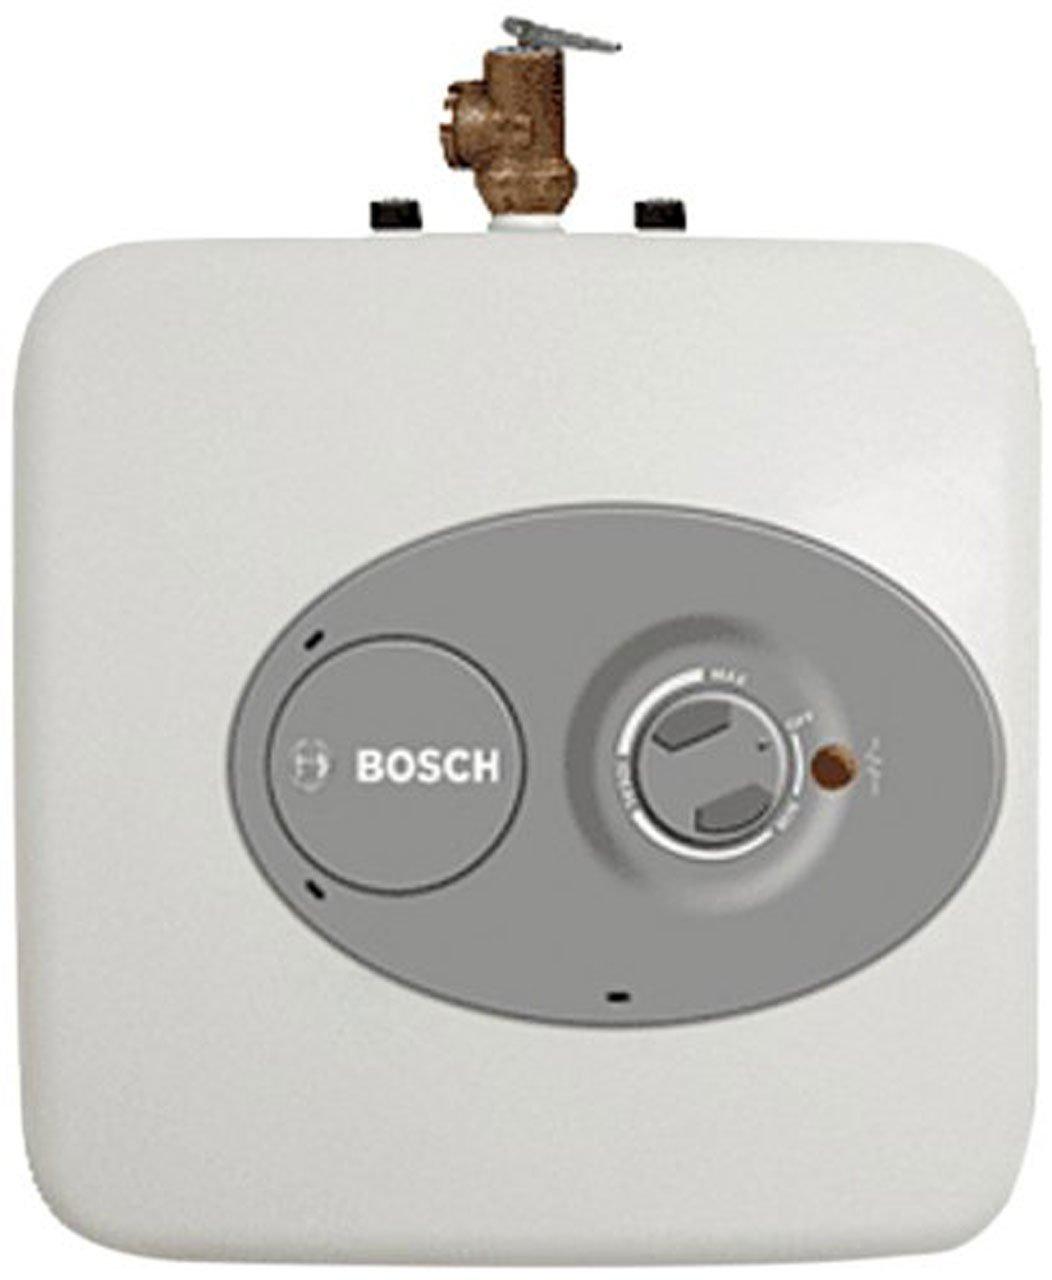 Bosch ES2.5 - Mini-Tank